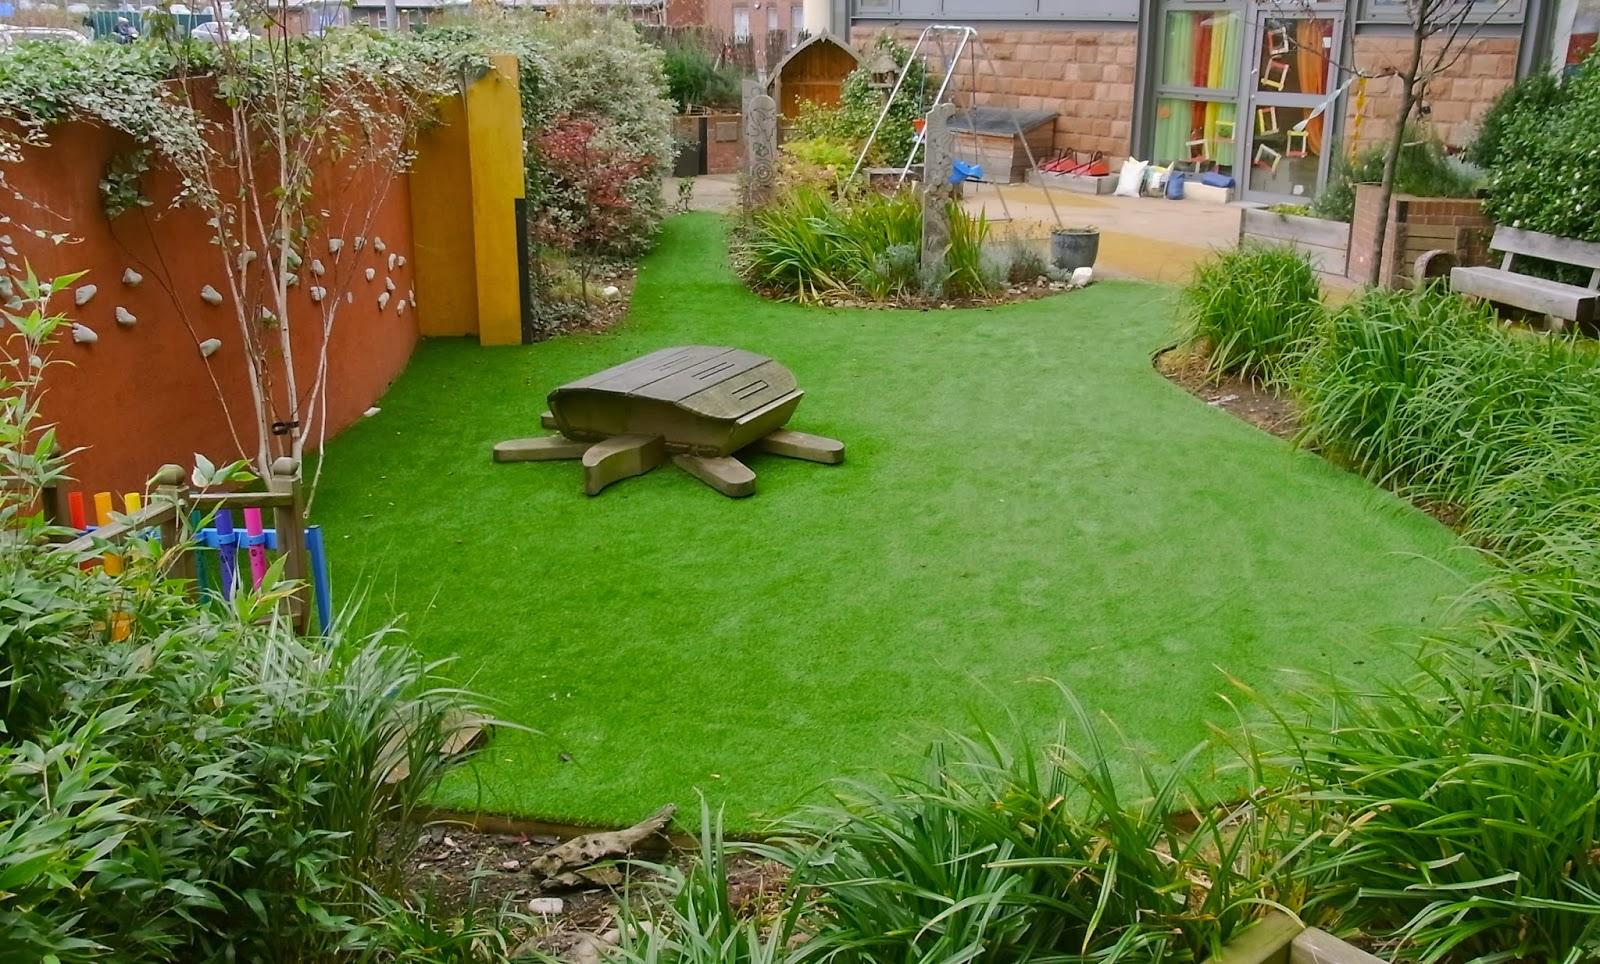 Foundation dezin decor artificial grass - Patios y jardines ...